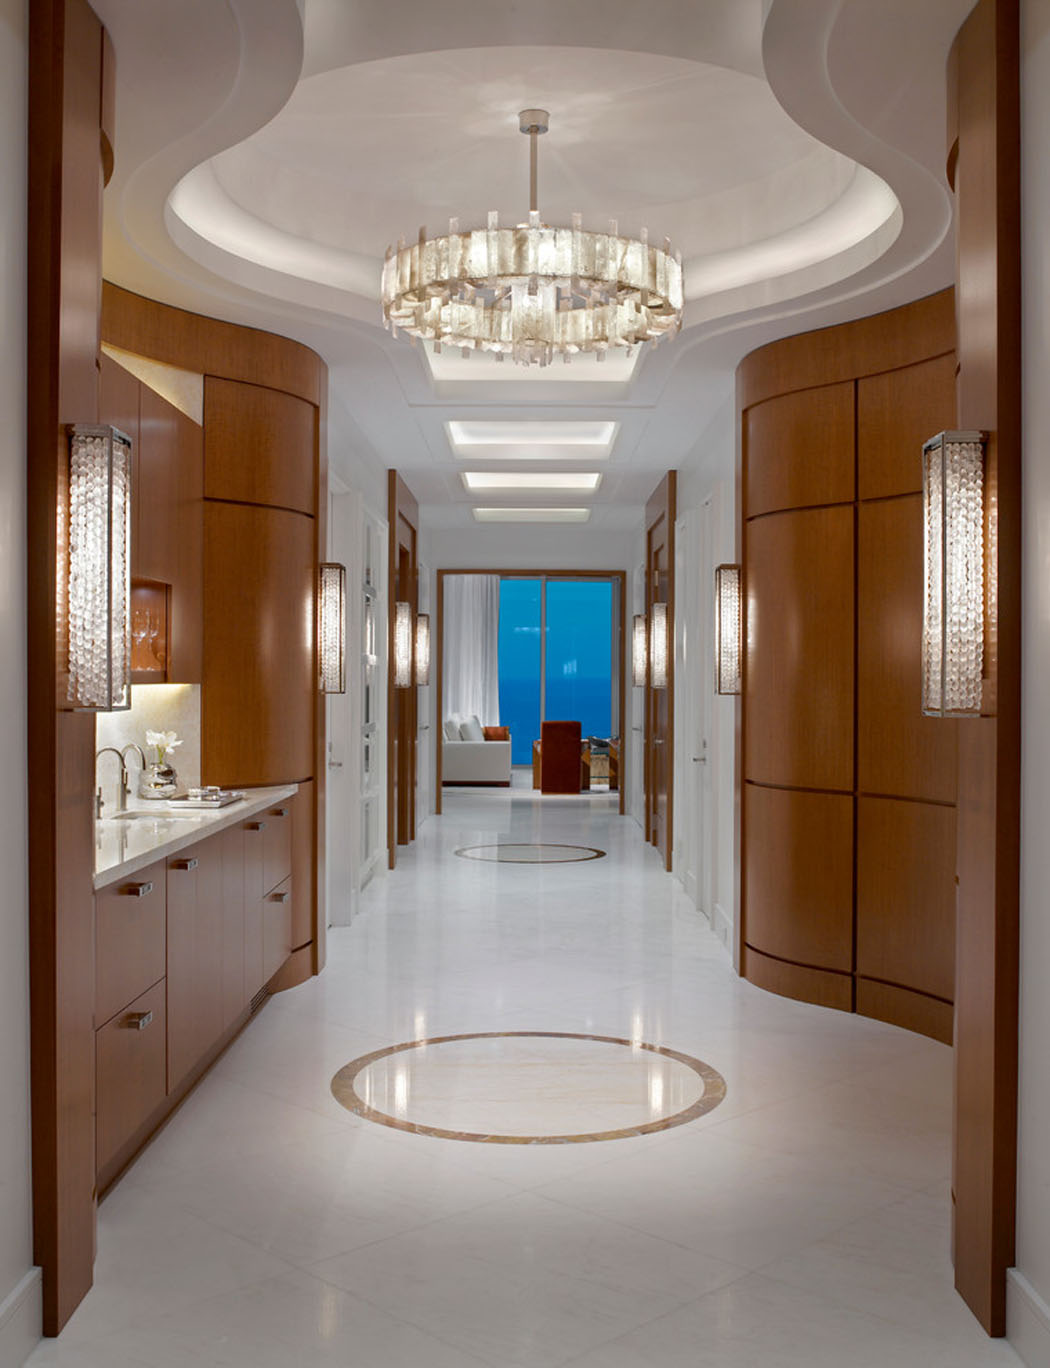 R sidence de vacances luxueuse miami avec splendide vue - Couleur couloir appartement ...